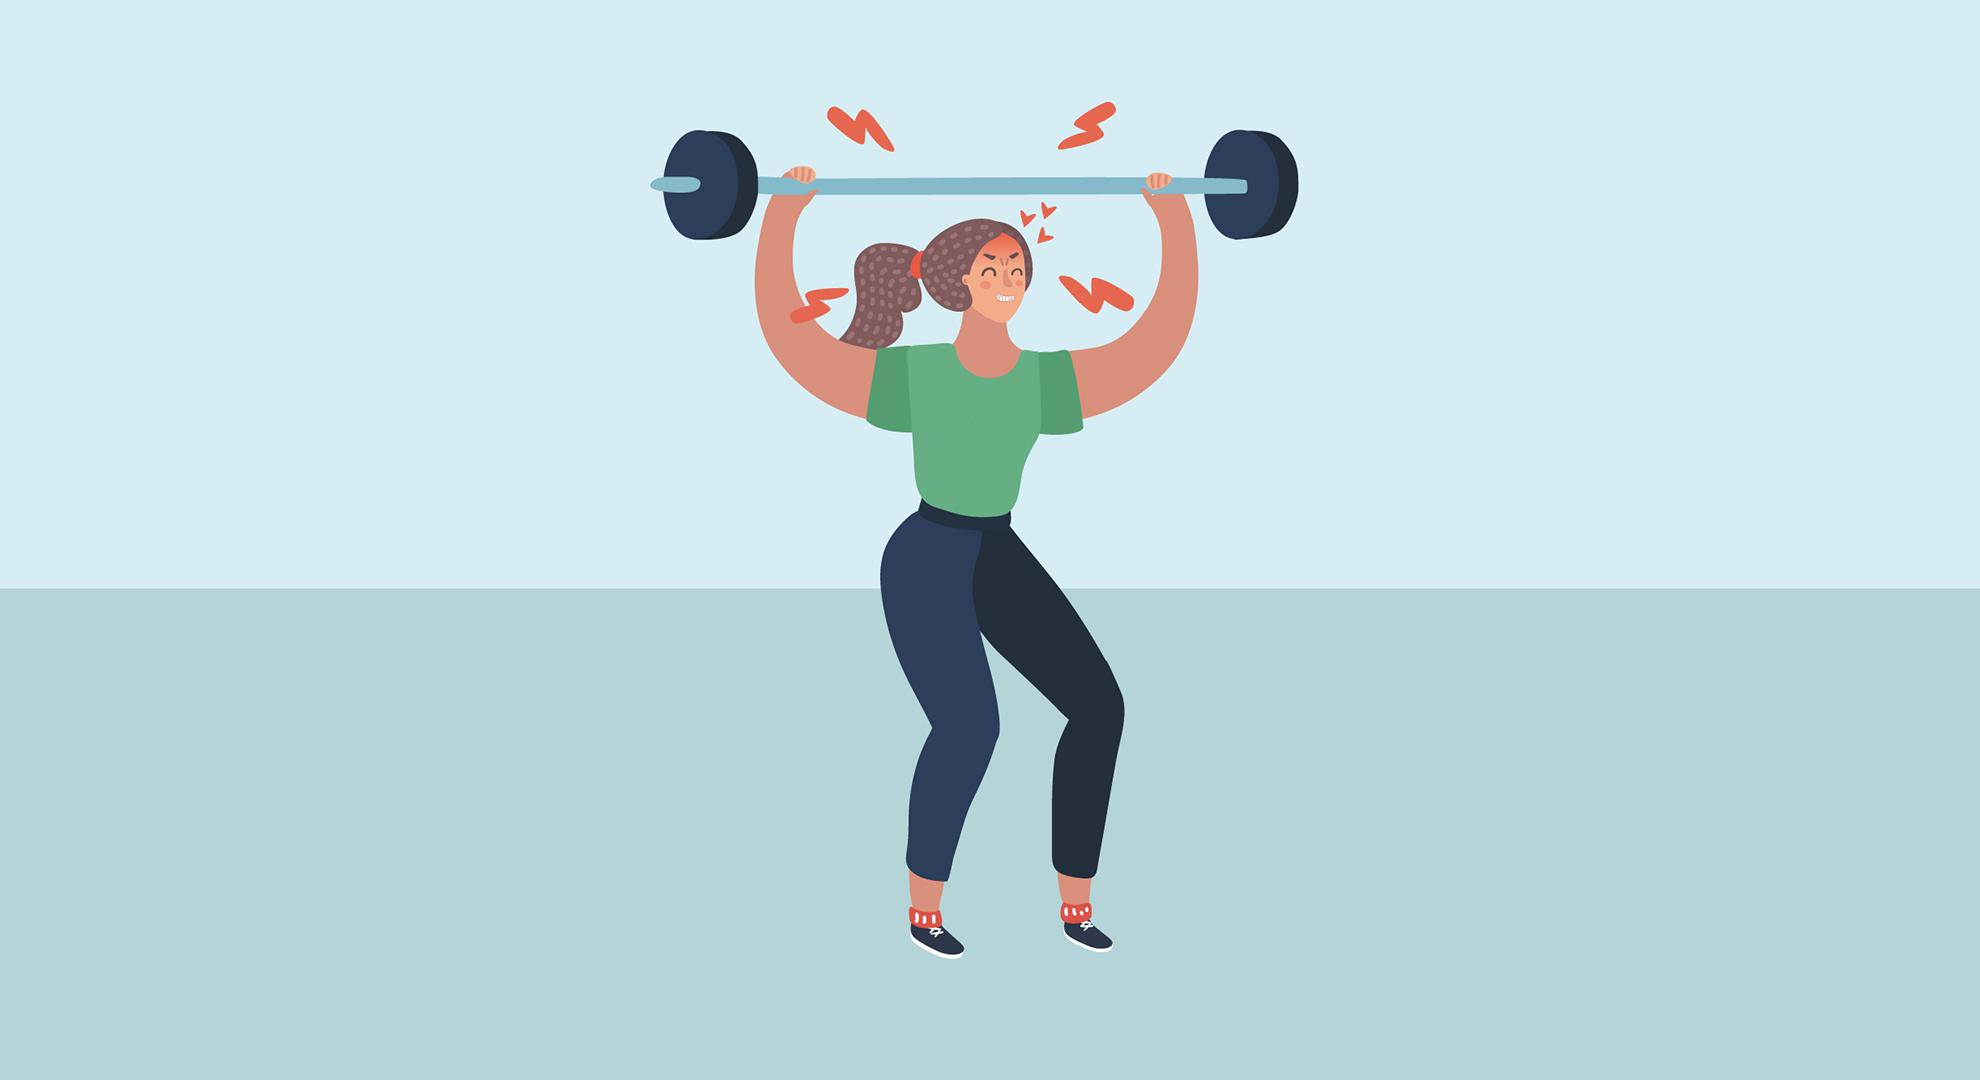 Illustration sport et santé bar Ambre Rolland et Inserm : jeune femme portant des haltères